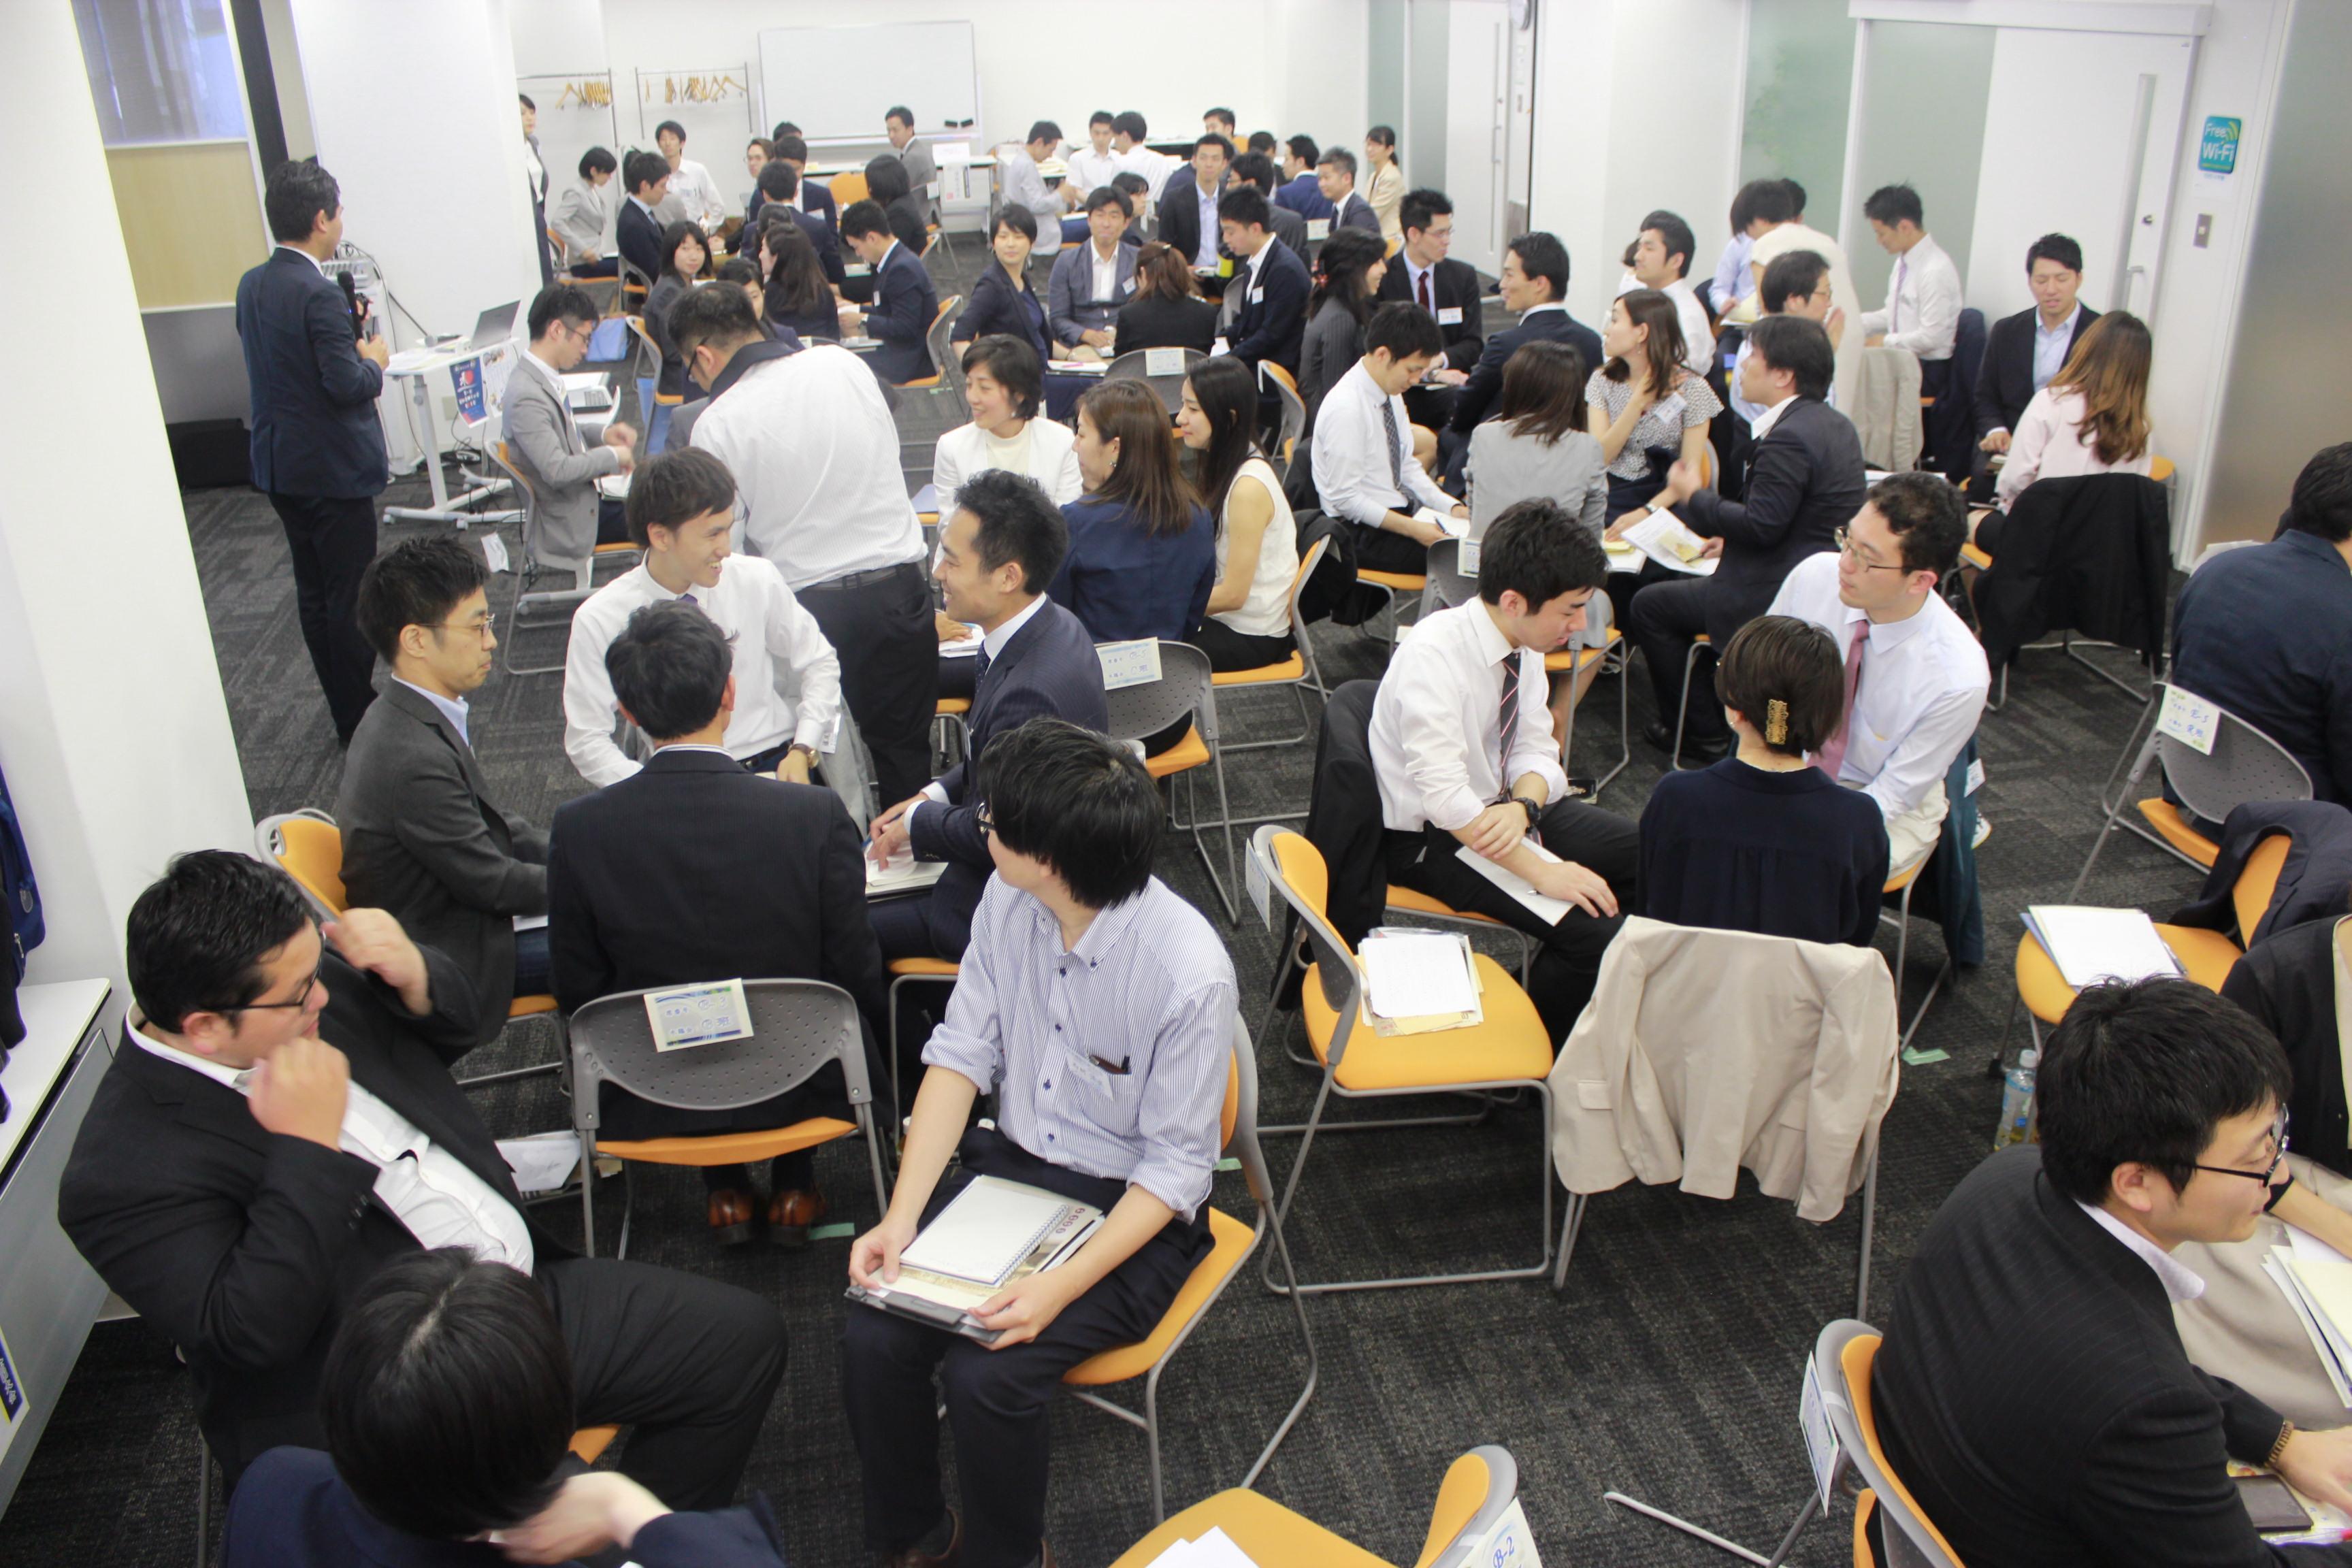 IMG 7802 - 関東若獅子の会、記念すべき第100回